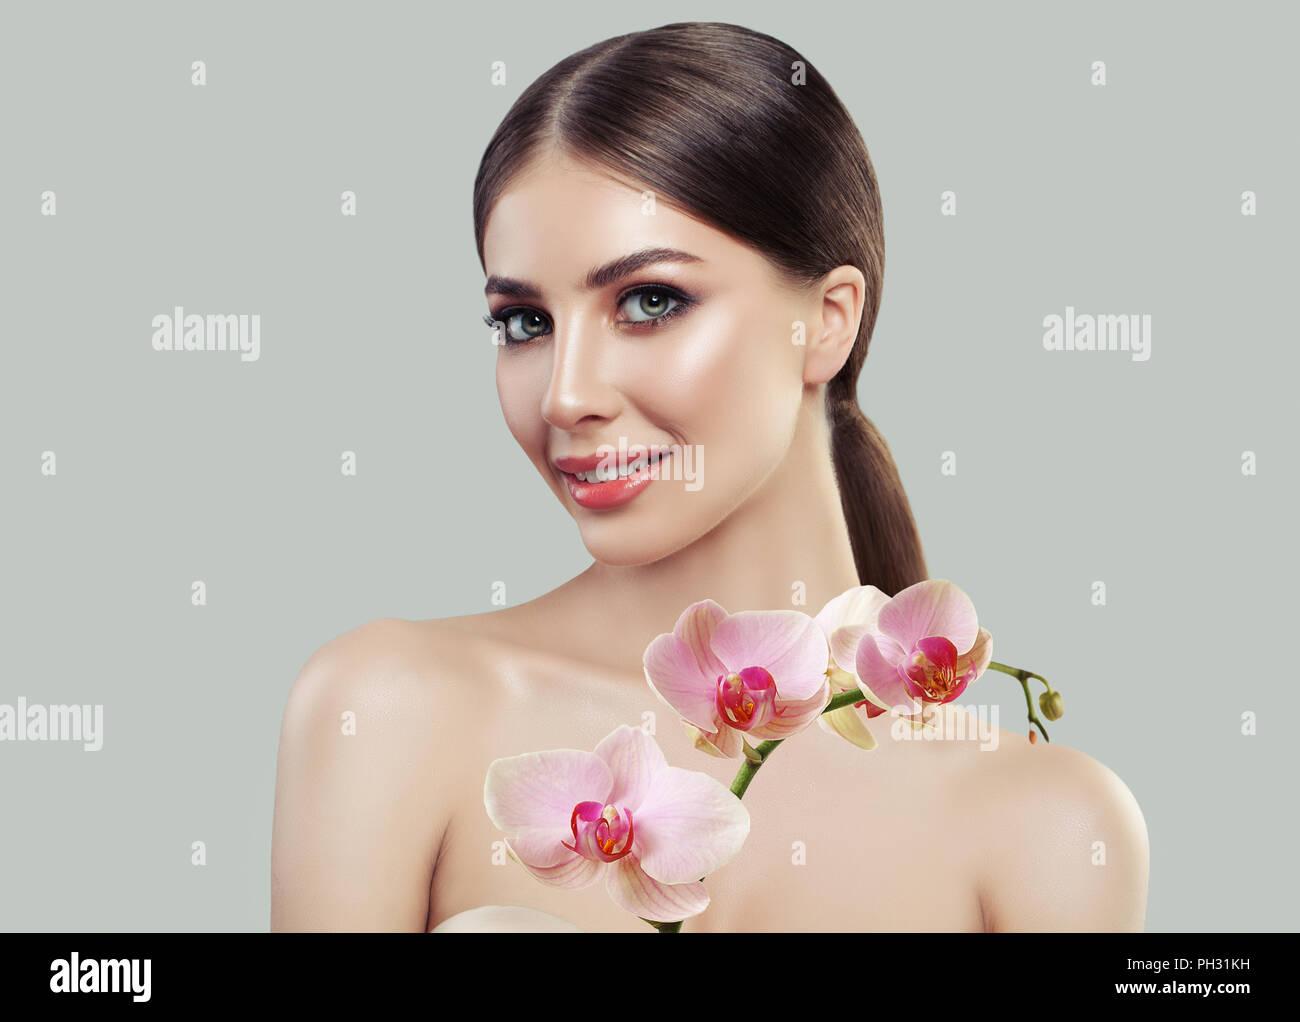 Carino donna sorridente con pelle sana e di rosa fiori di orchidea. Trattamento per il viso, cosmetologia, salone di bellezza e cura della pelle e della spa concept Immagini Stock